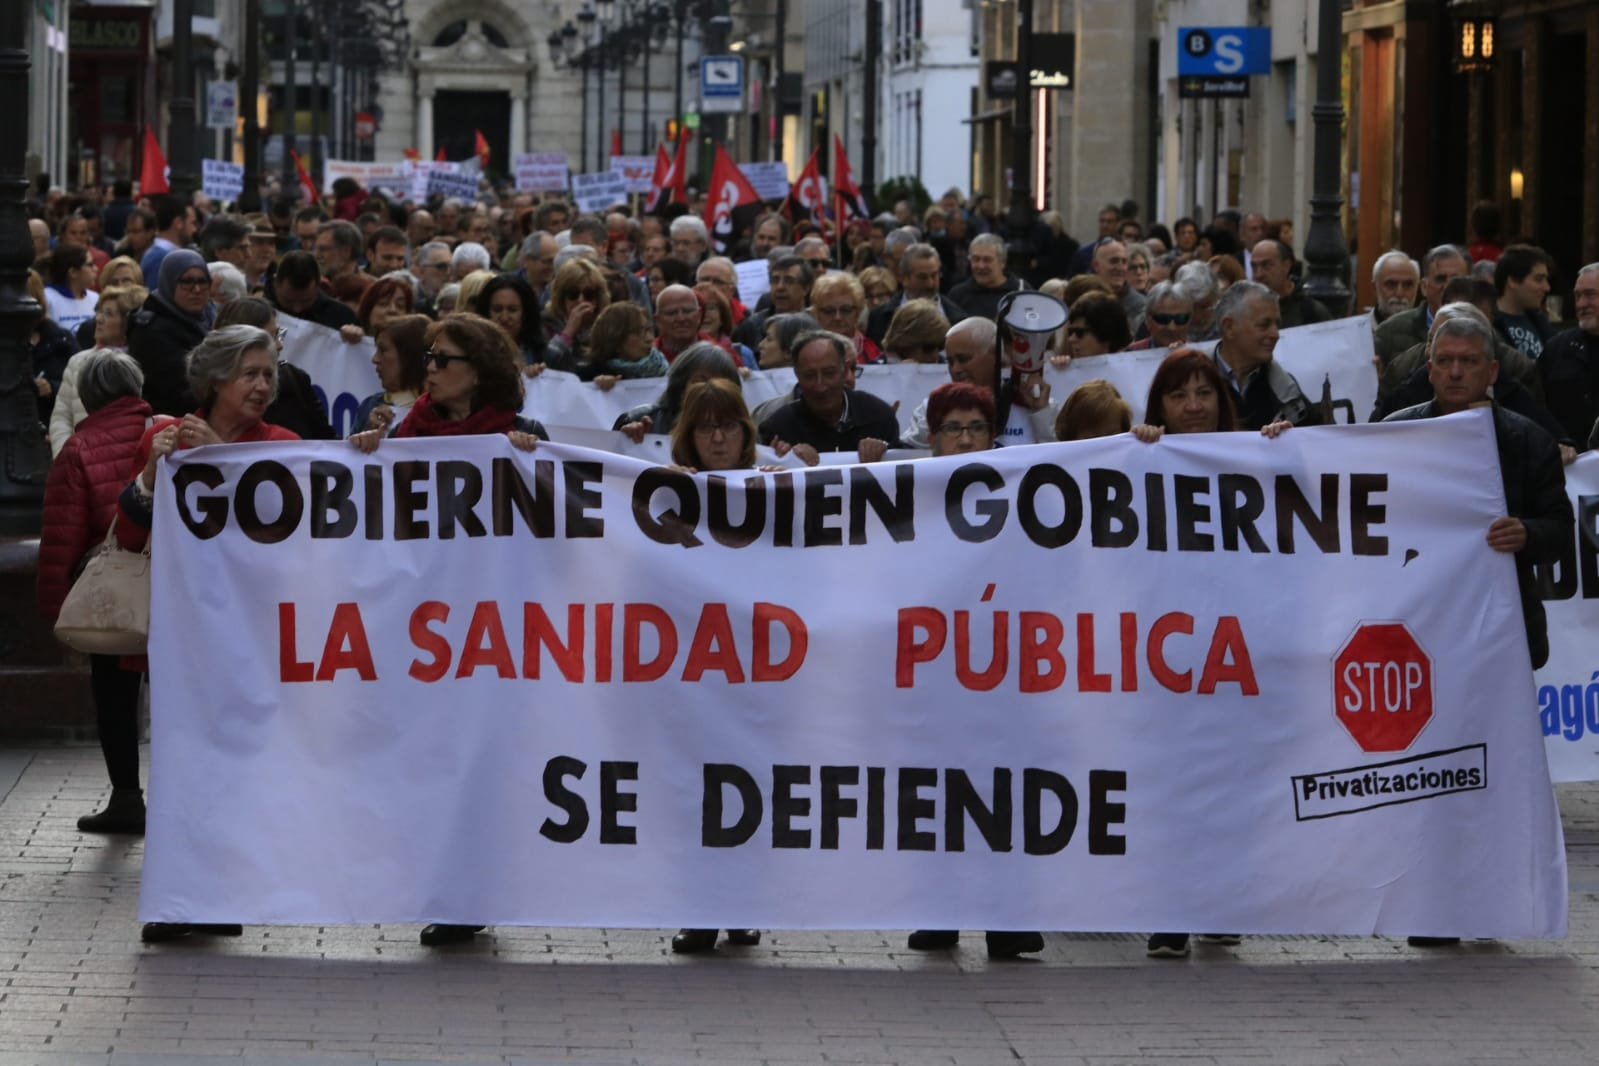 Zaragoza, video y fotos manifestación. Gobierne quien gobierne la sanidad pública se defiende.